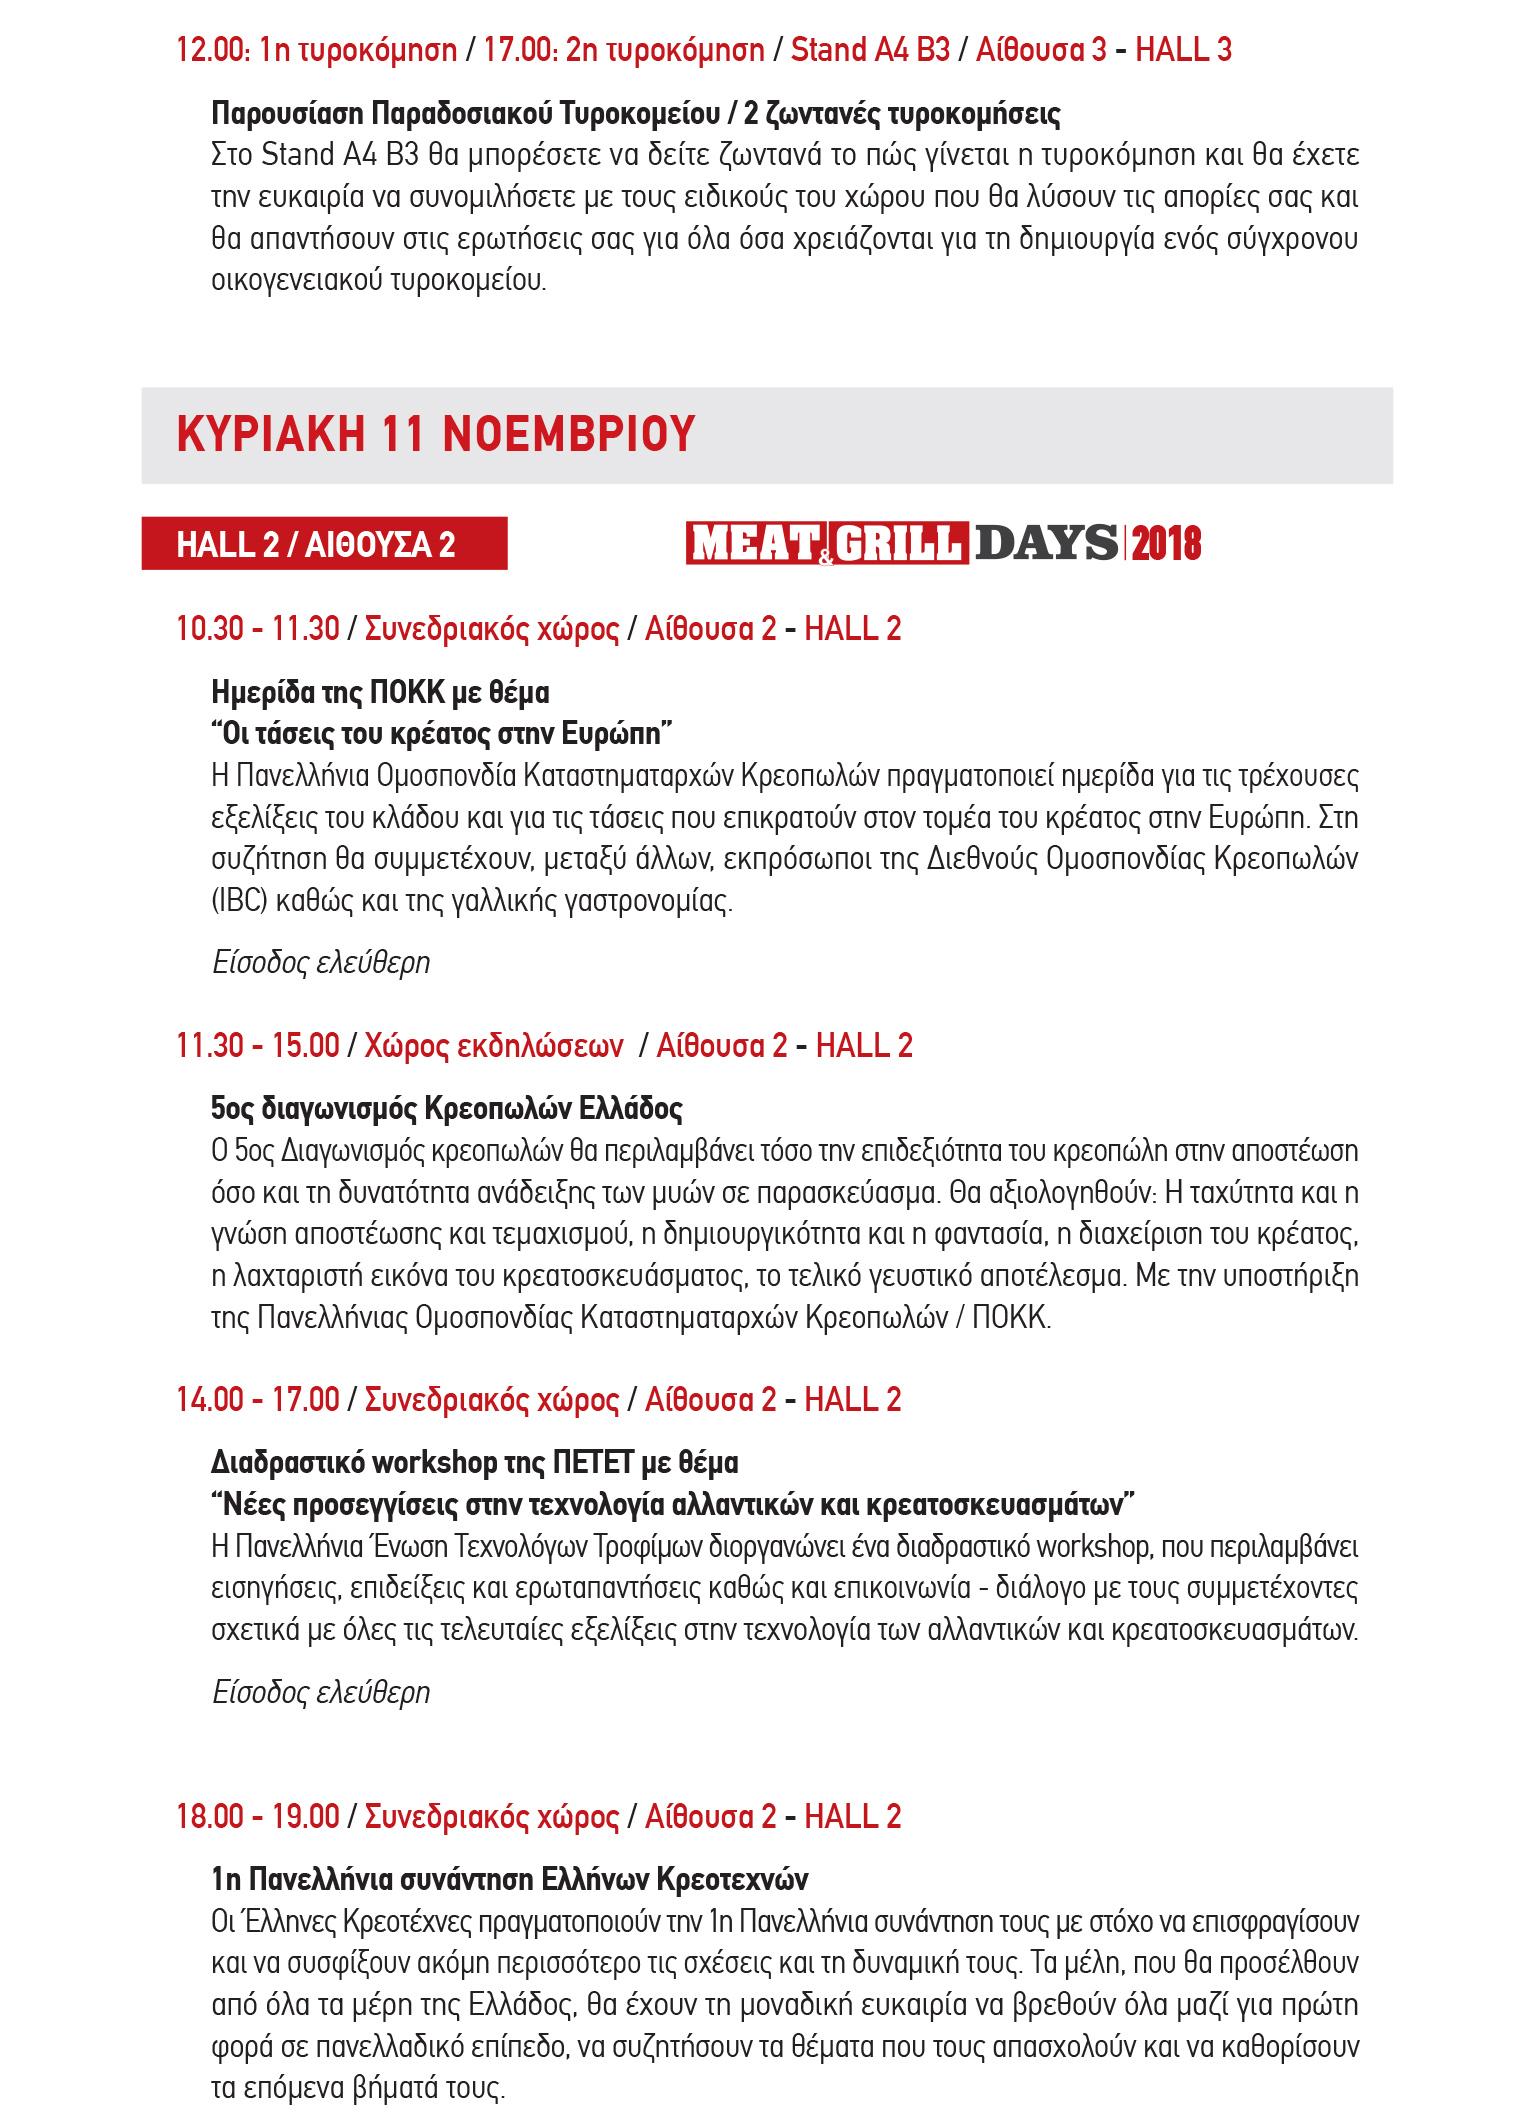 Synoptiko programma gia site-2.jpg